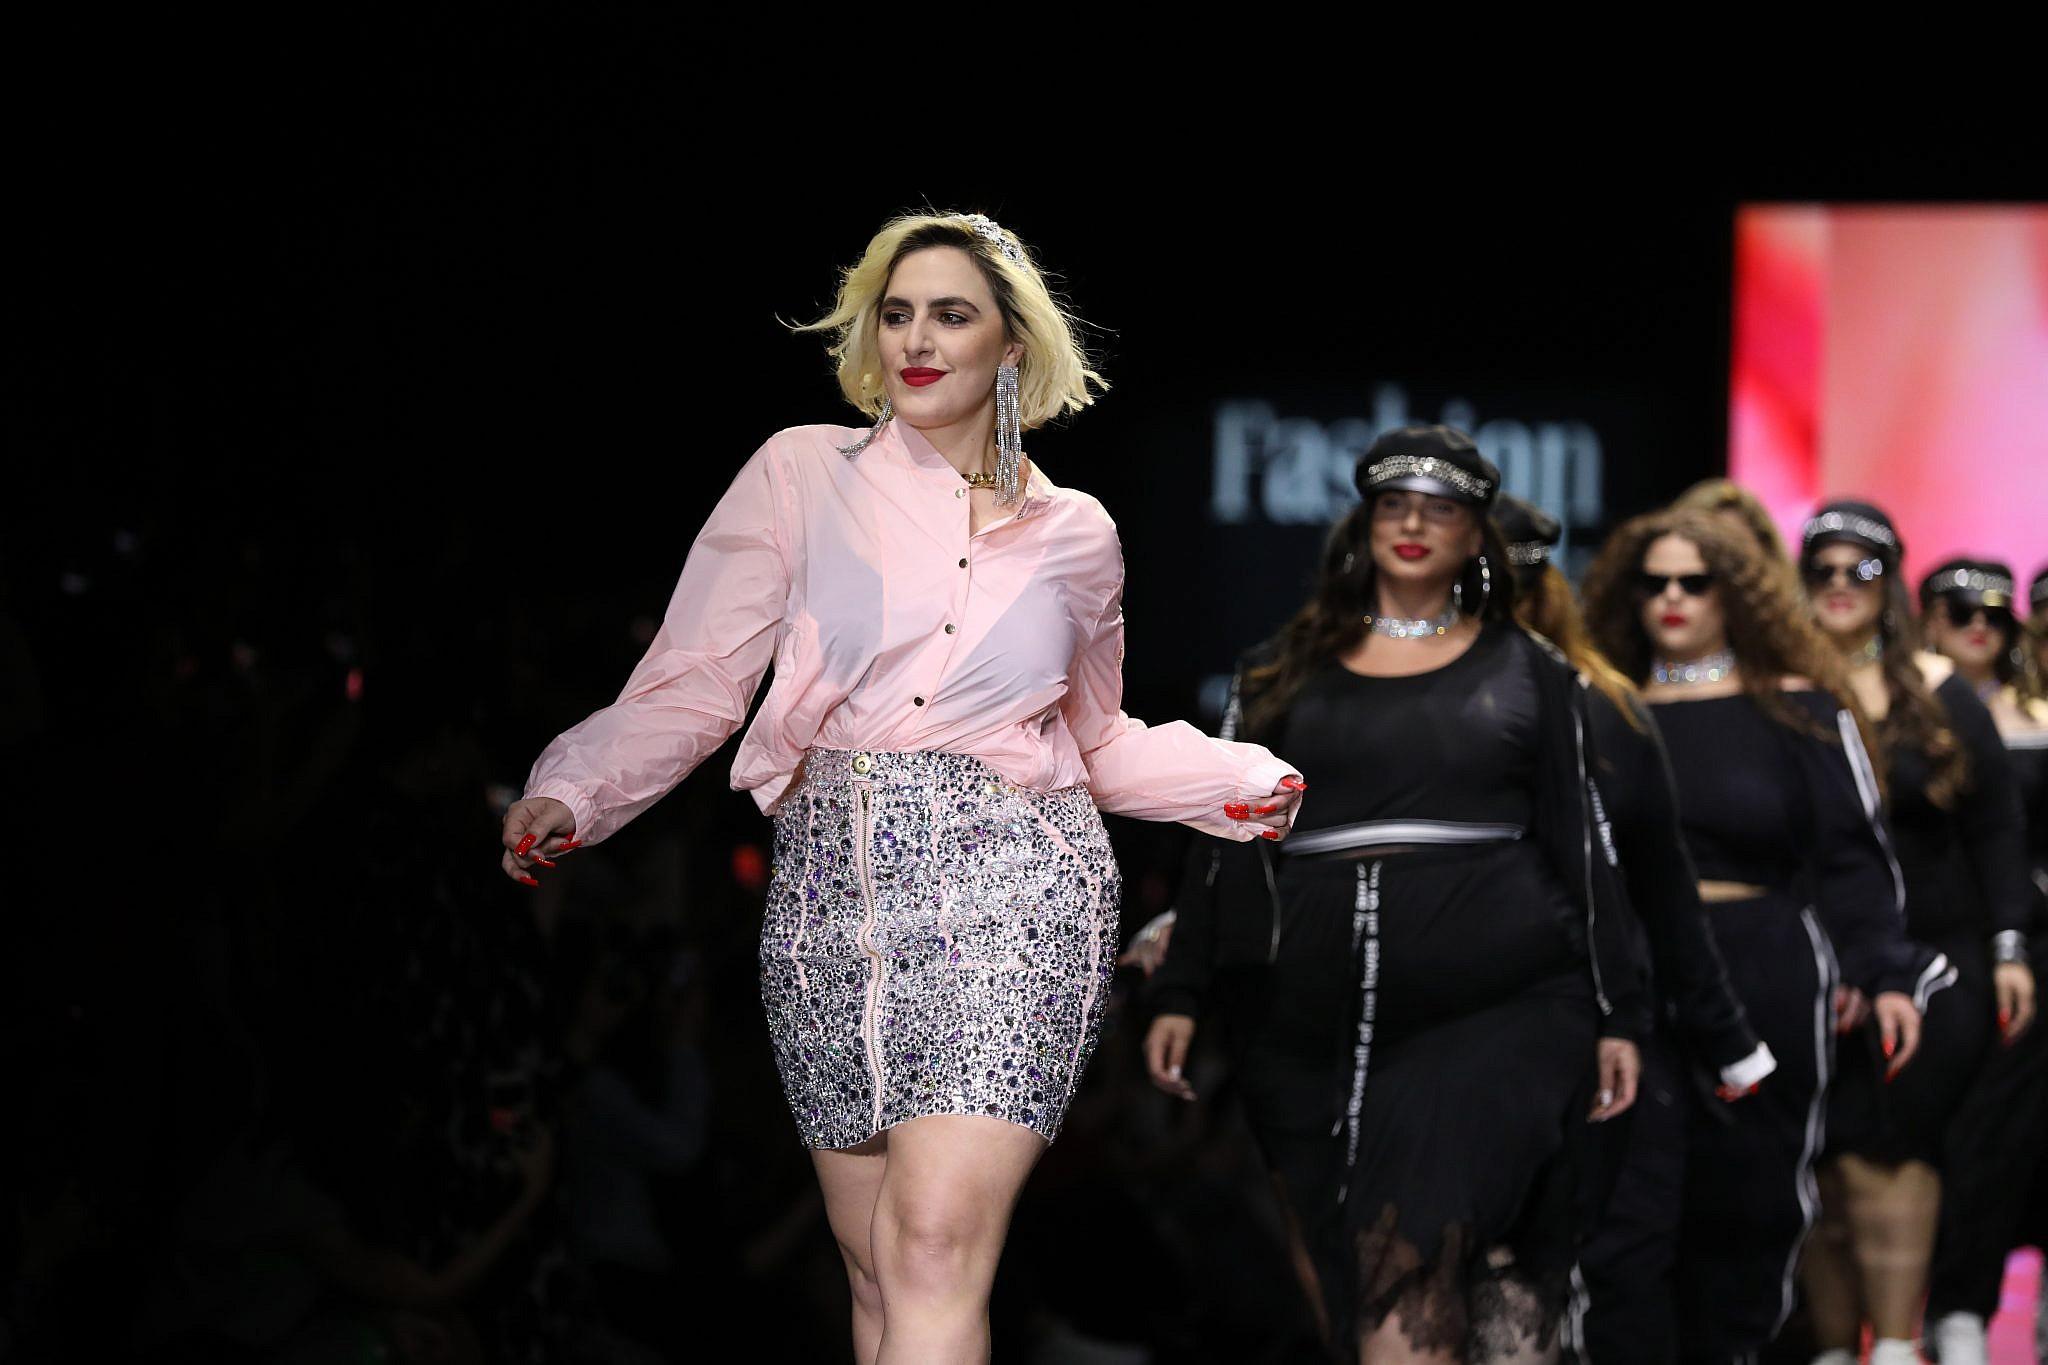 יש מקום לסוכנות פלאס סייז. ריי שגב בתצוגה של RETEMA בשבוע האופנה תל אביב 2019. צילום אדריאן סבל